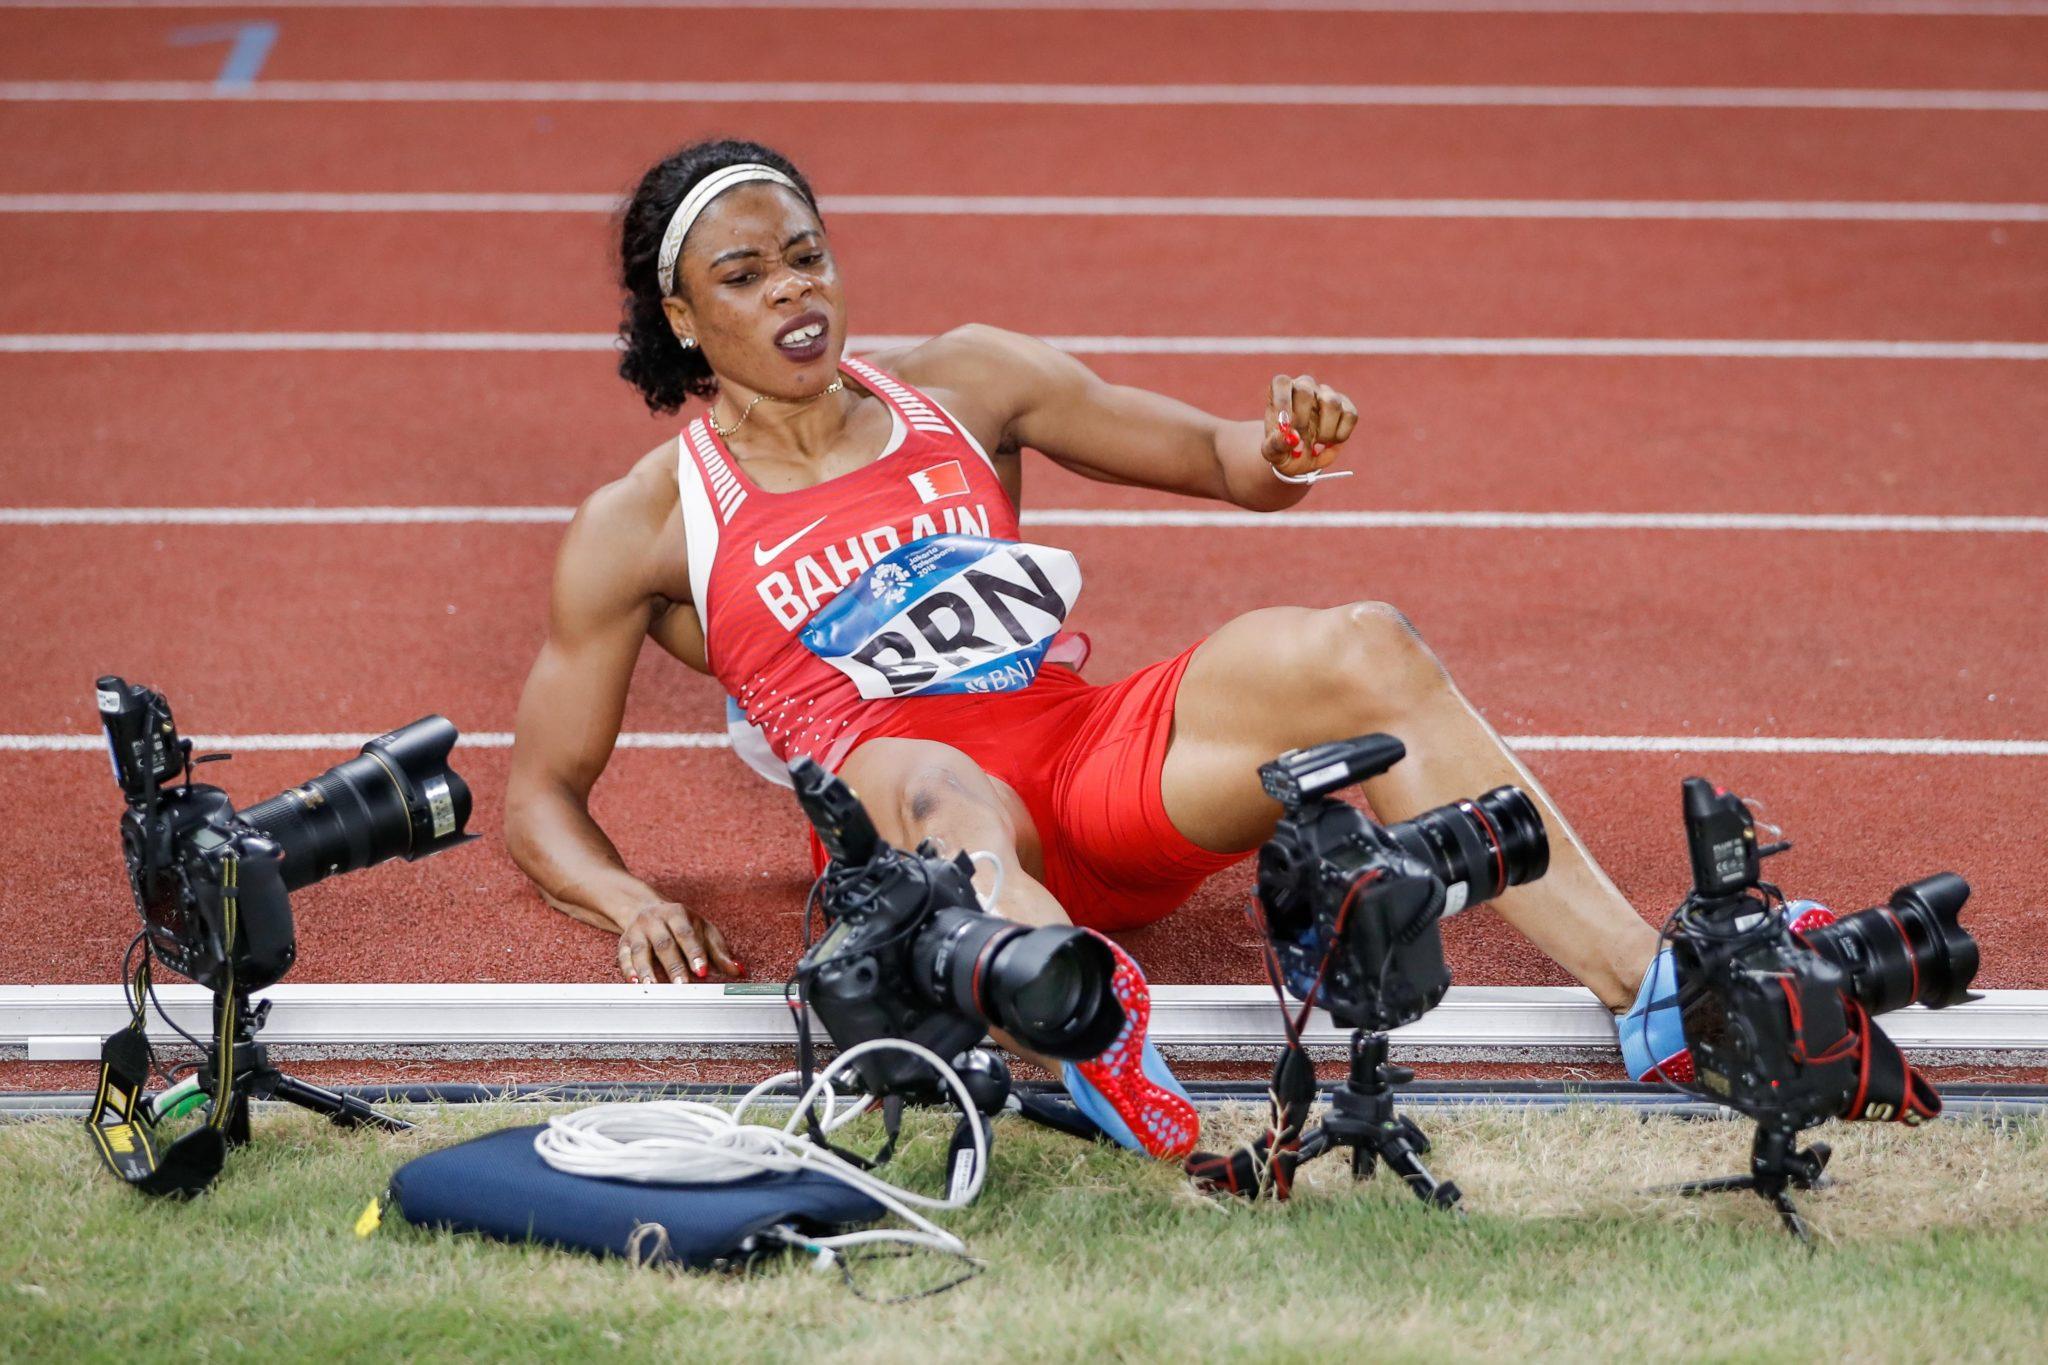 Oluwakemi Adekoya z Bahrajnu wpadła w camera podczas biegu na Mistrzostwach Azji w Dżakarcie, Indonezji, fot. Christian Bruna, PAP/EPA